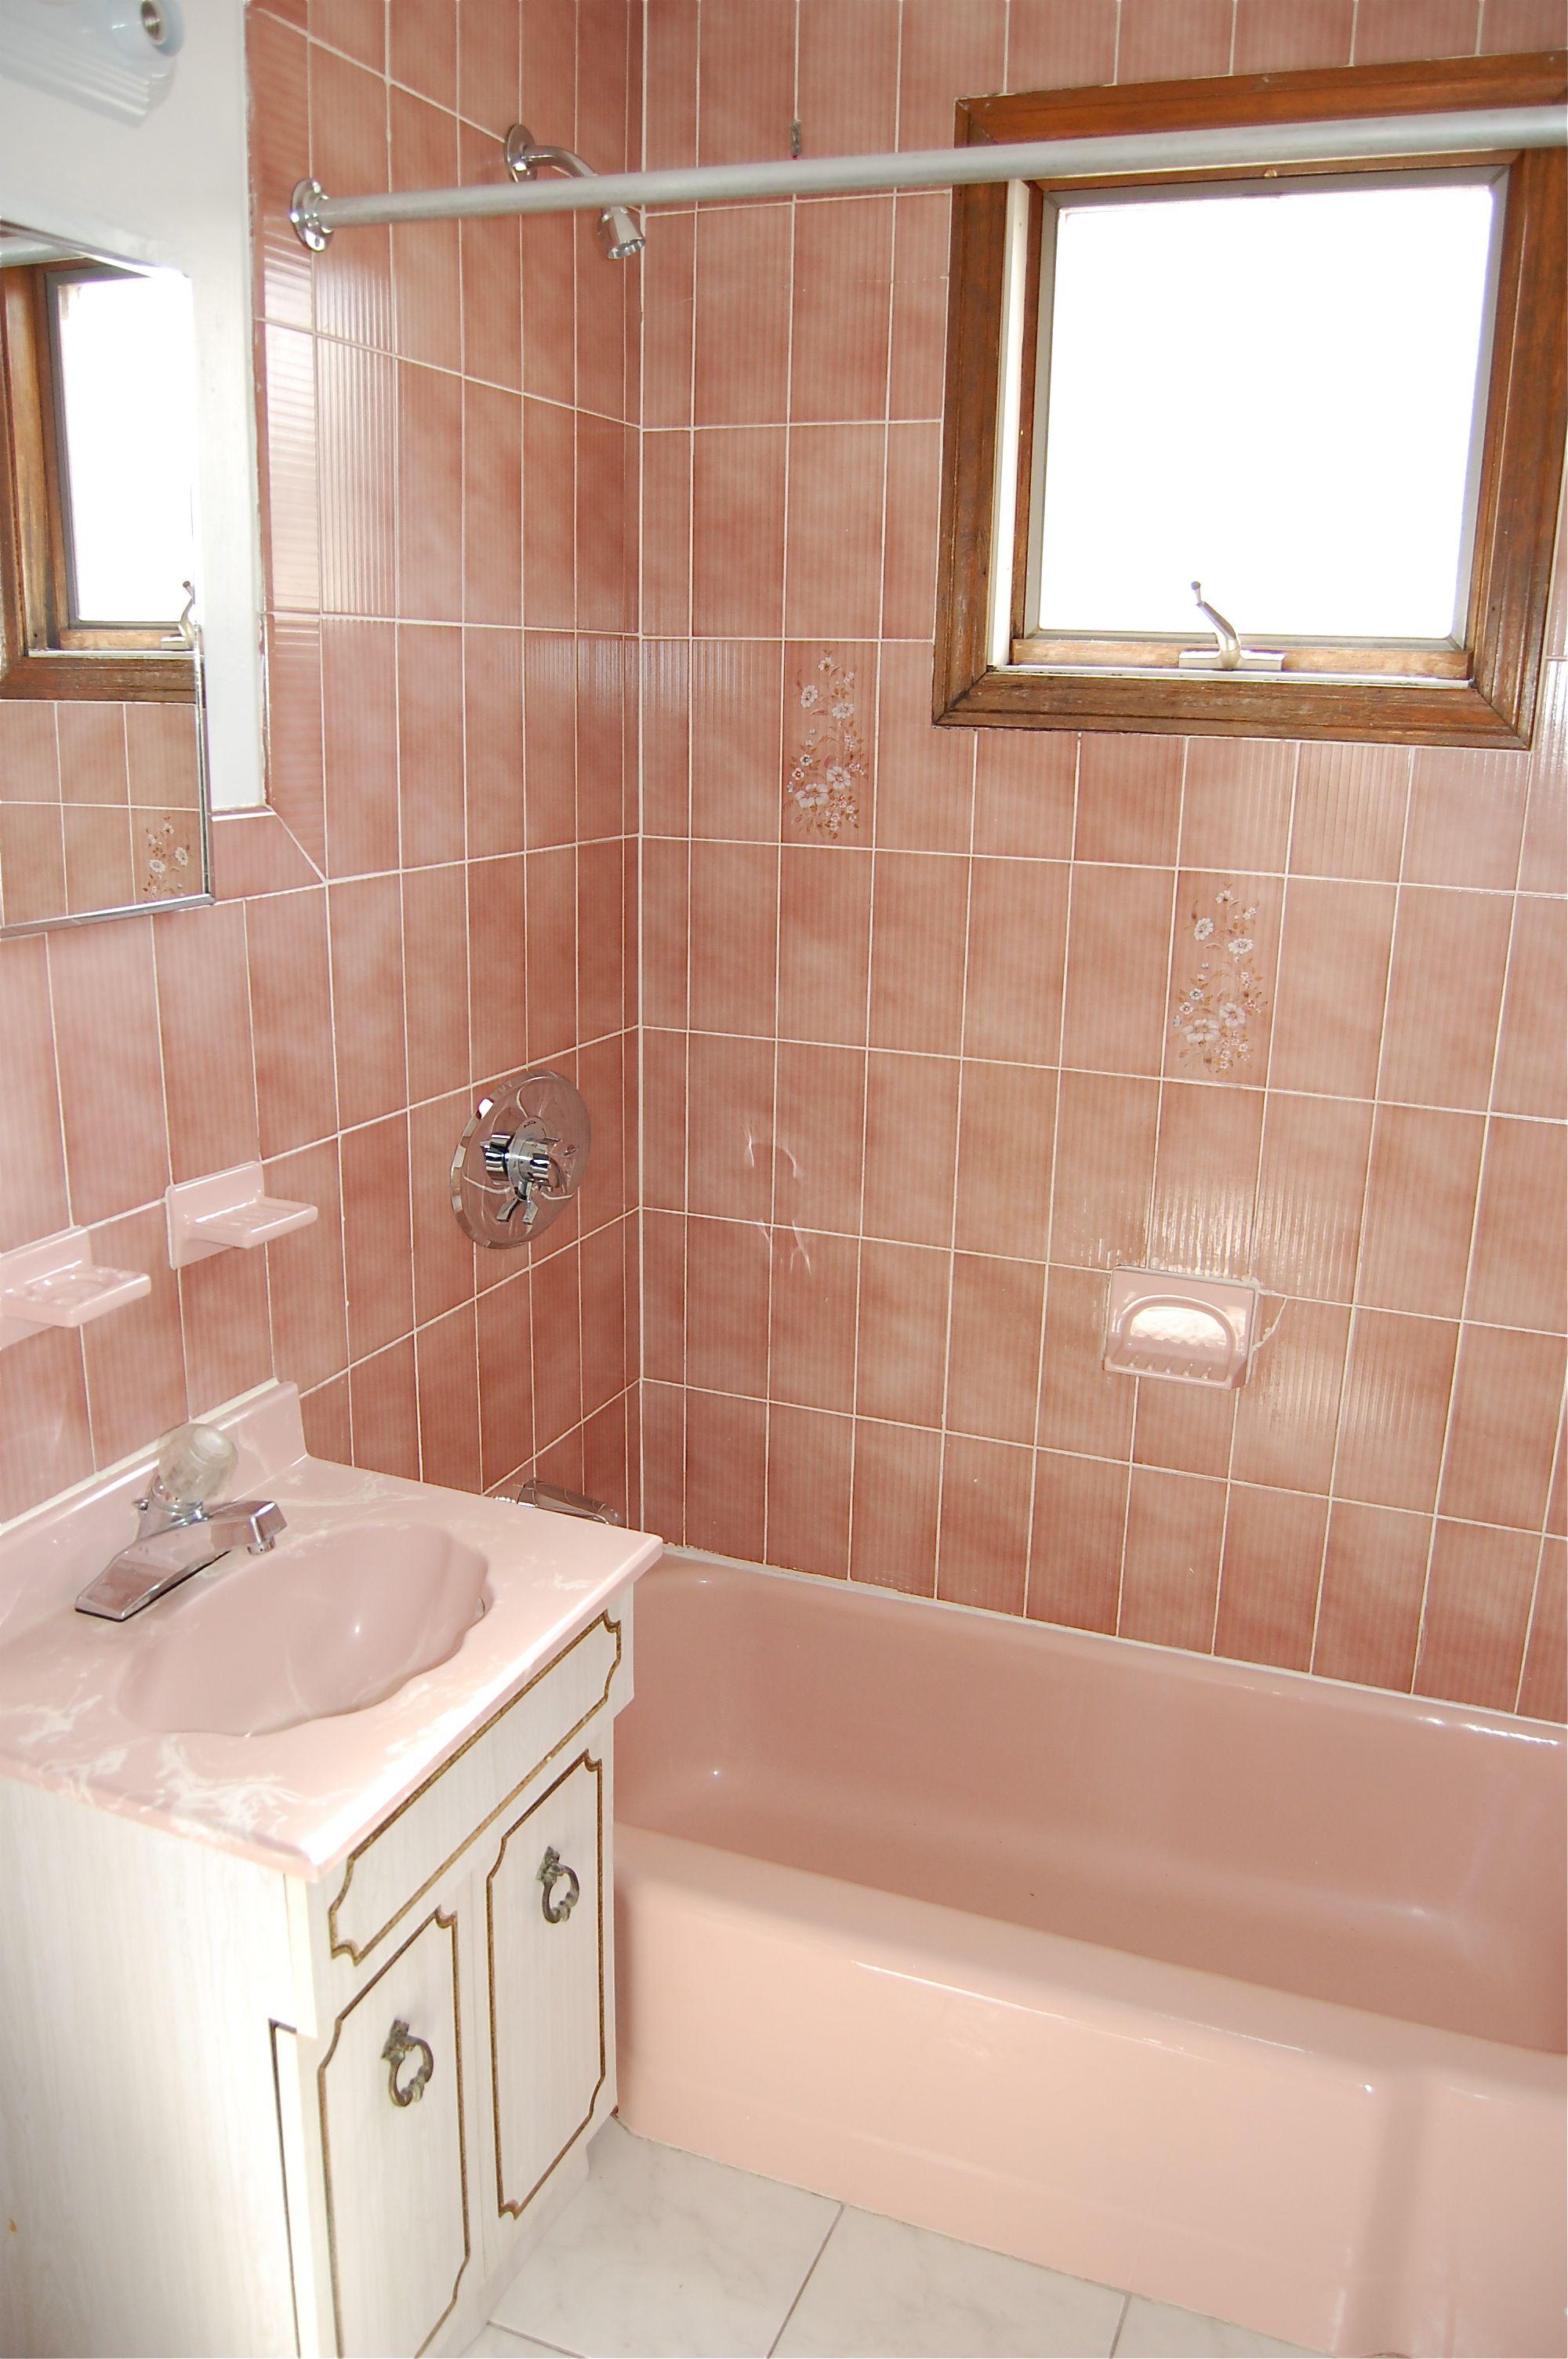 40 vintage pink bathroom tile ideas and pictures for Vintage bathroom tile designs